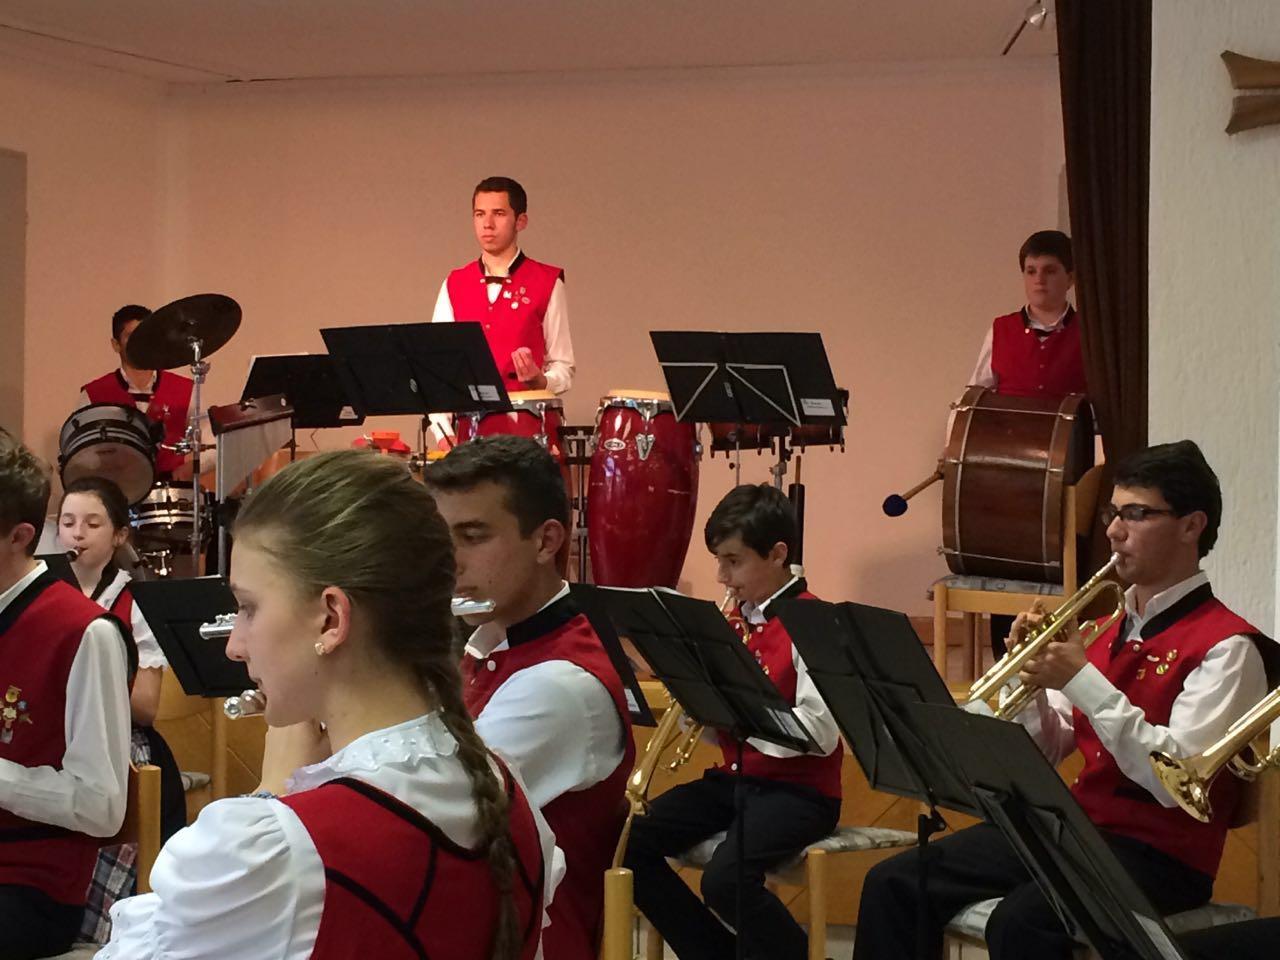 Orquestra de Sopros em Mosbach - 15/07/16Orquestra de Sopros em Mosbach - 15/07/16